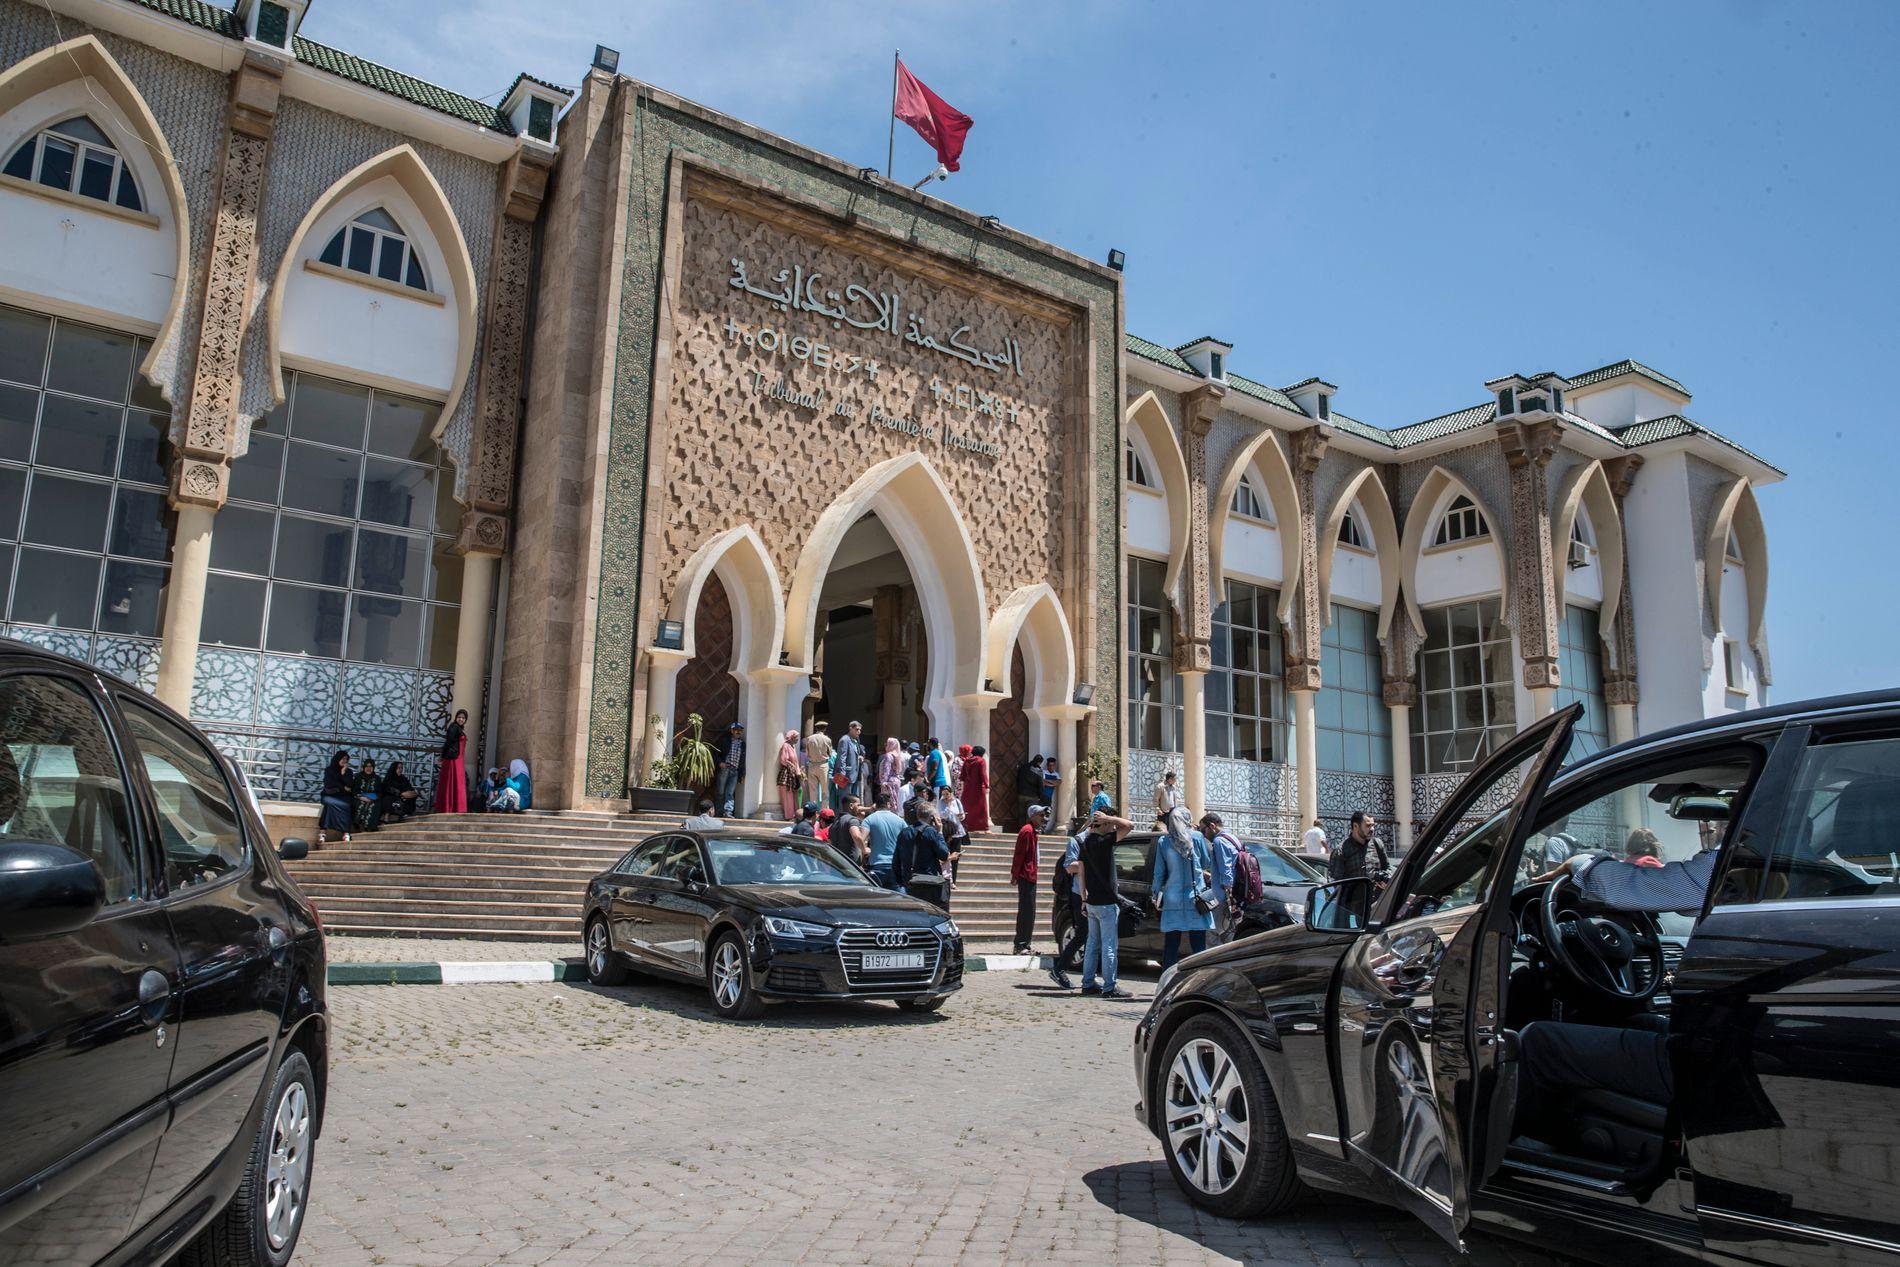 DOMSTOLEN: Her i denne rettsbygningen holdes høringene etter Marokko-drapene.